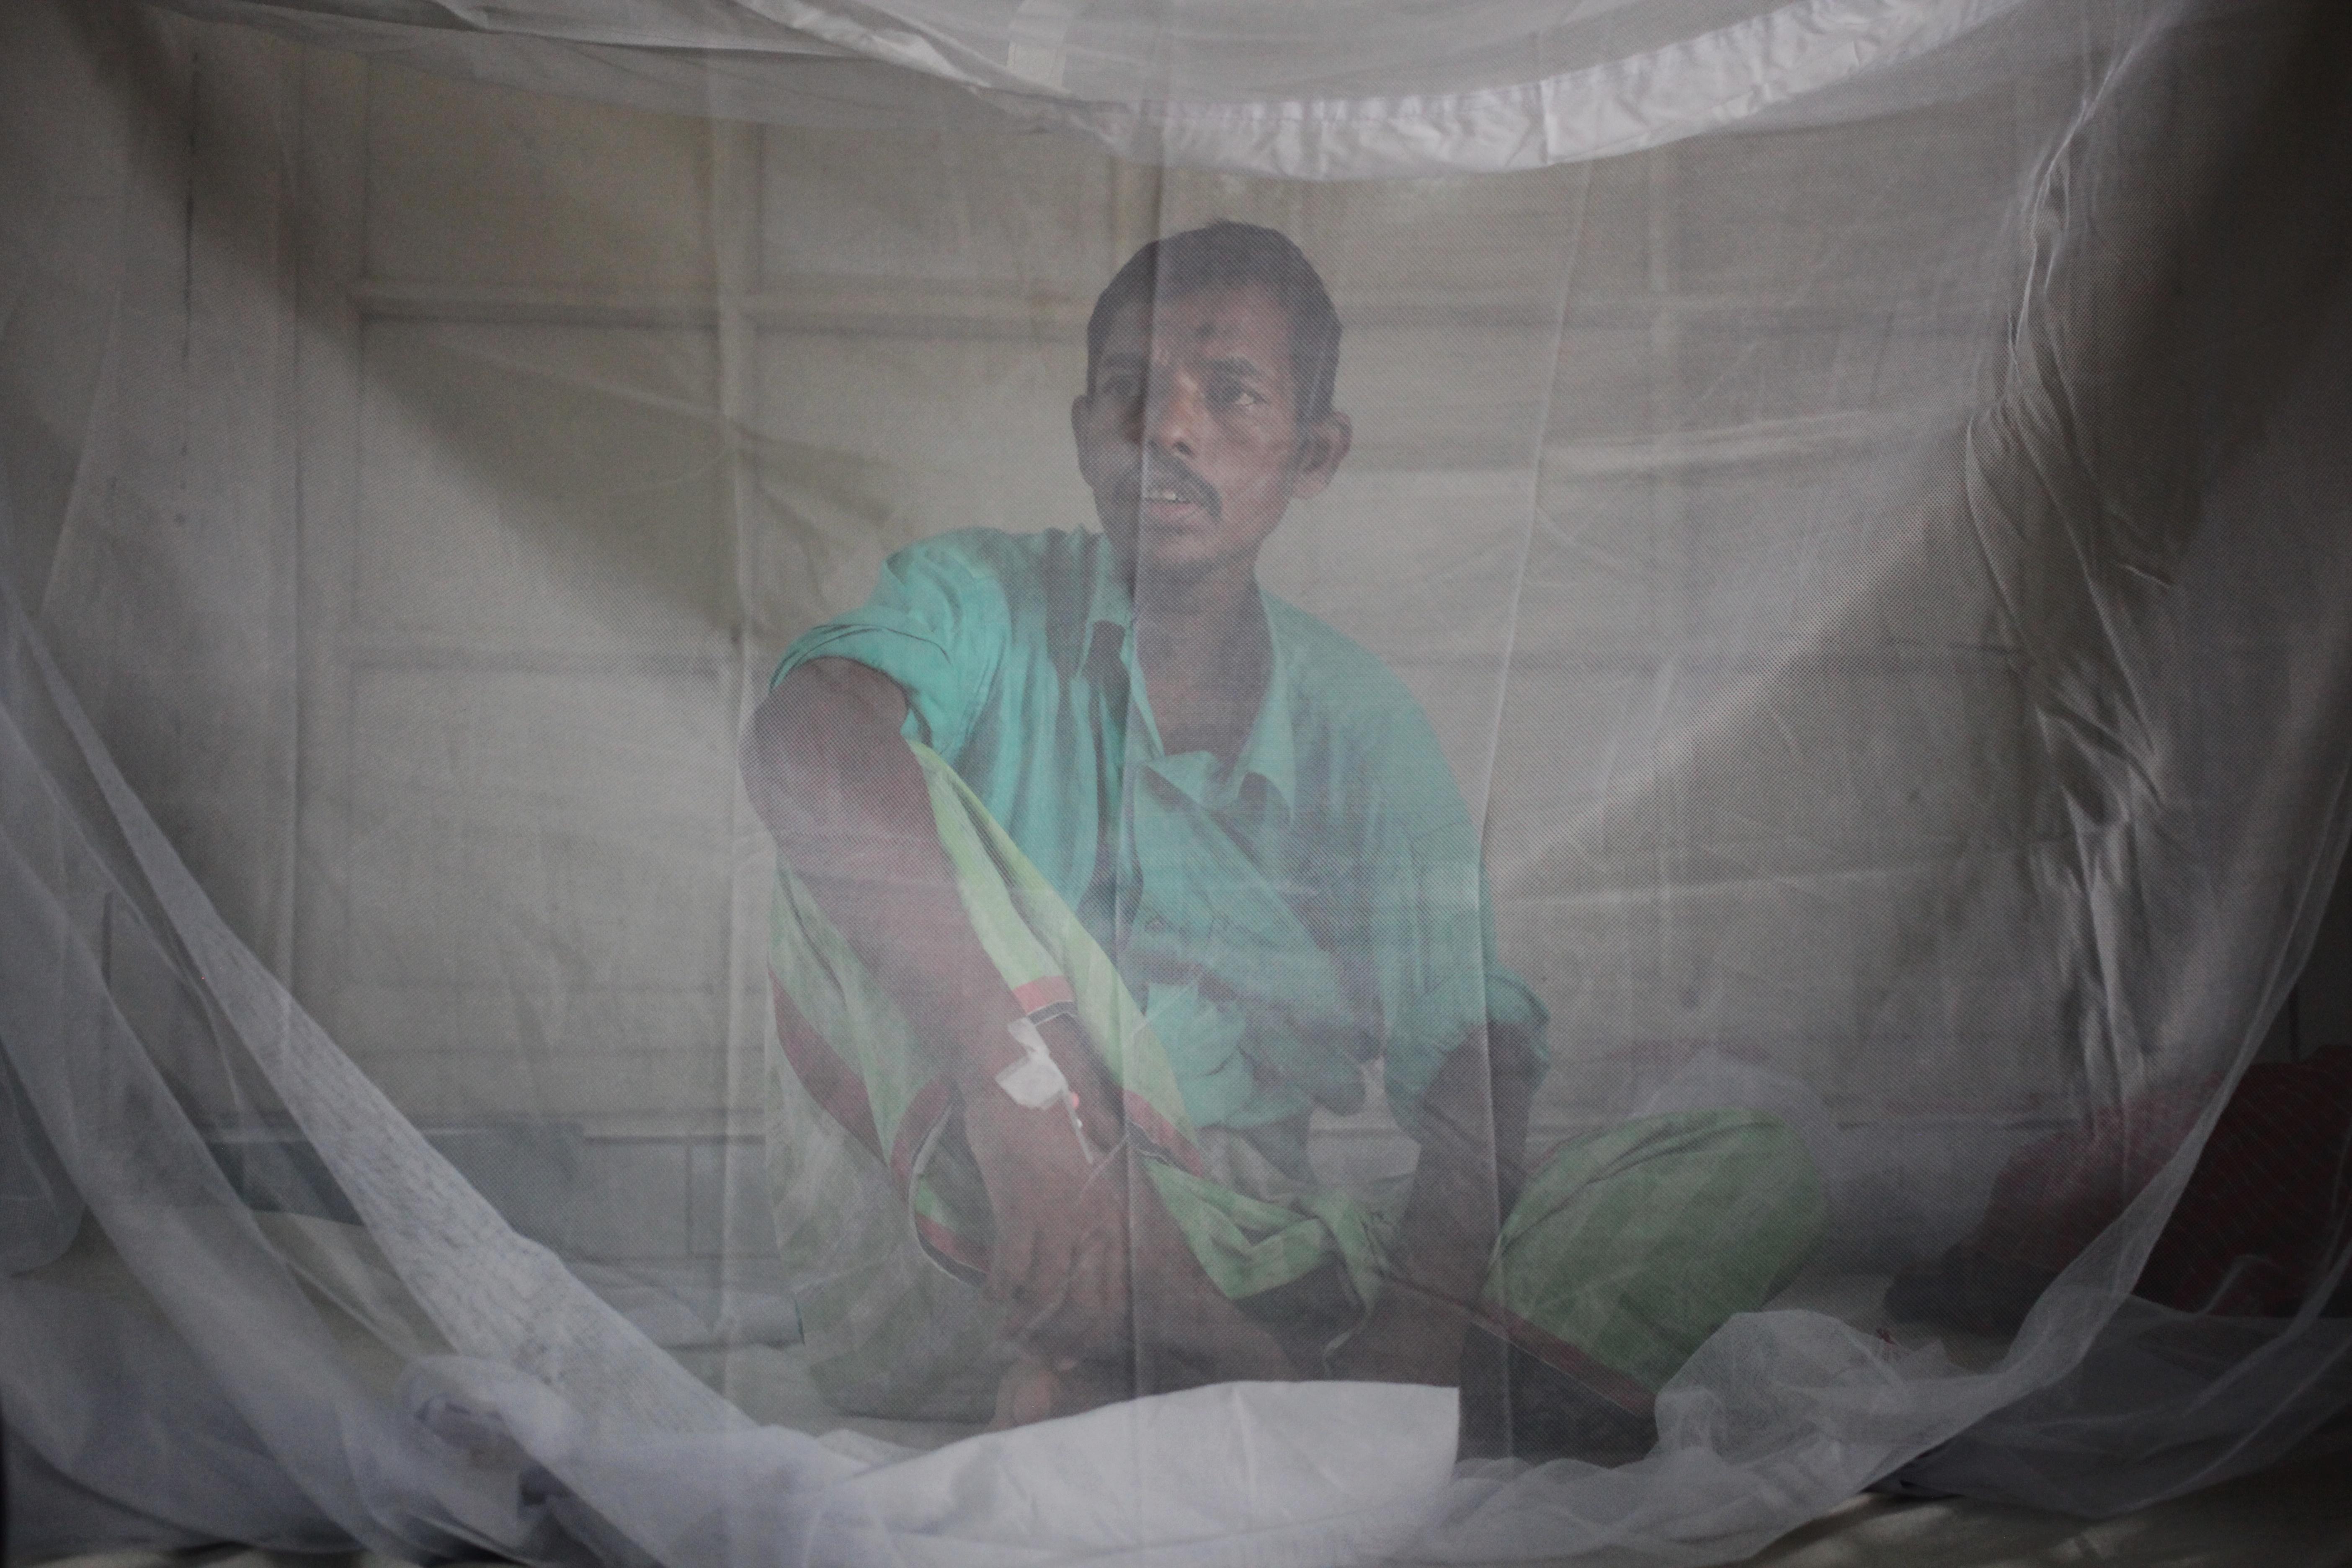 Egy éve tört ki a pusztító ebola-járvány, és egyelőre nem látni a végét